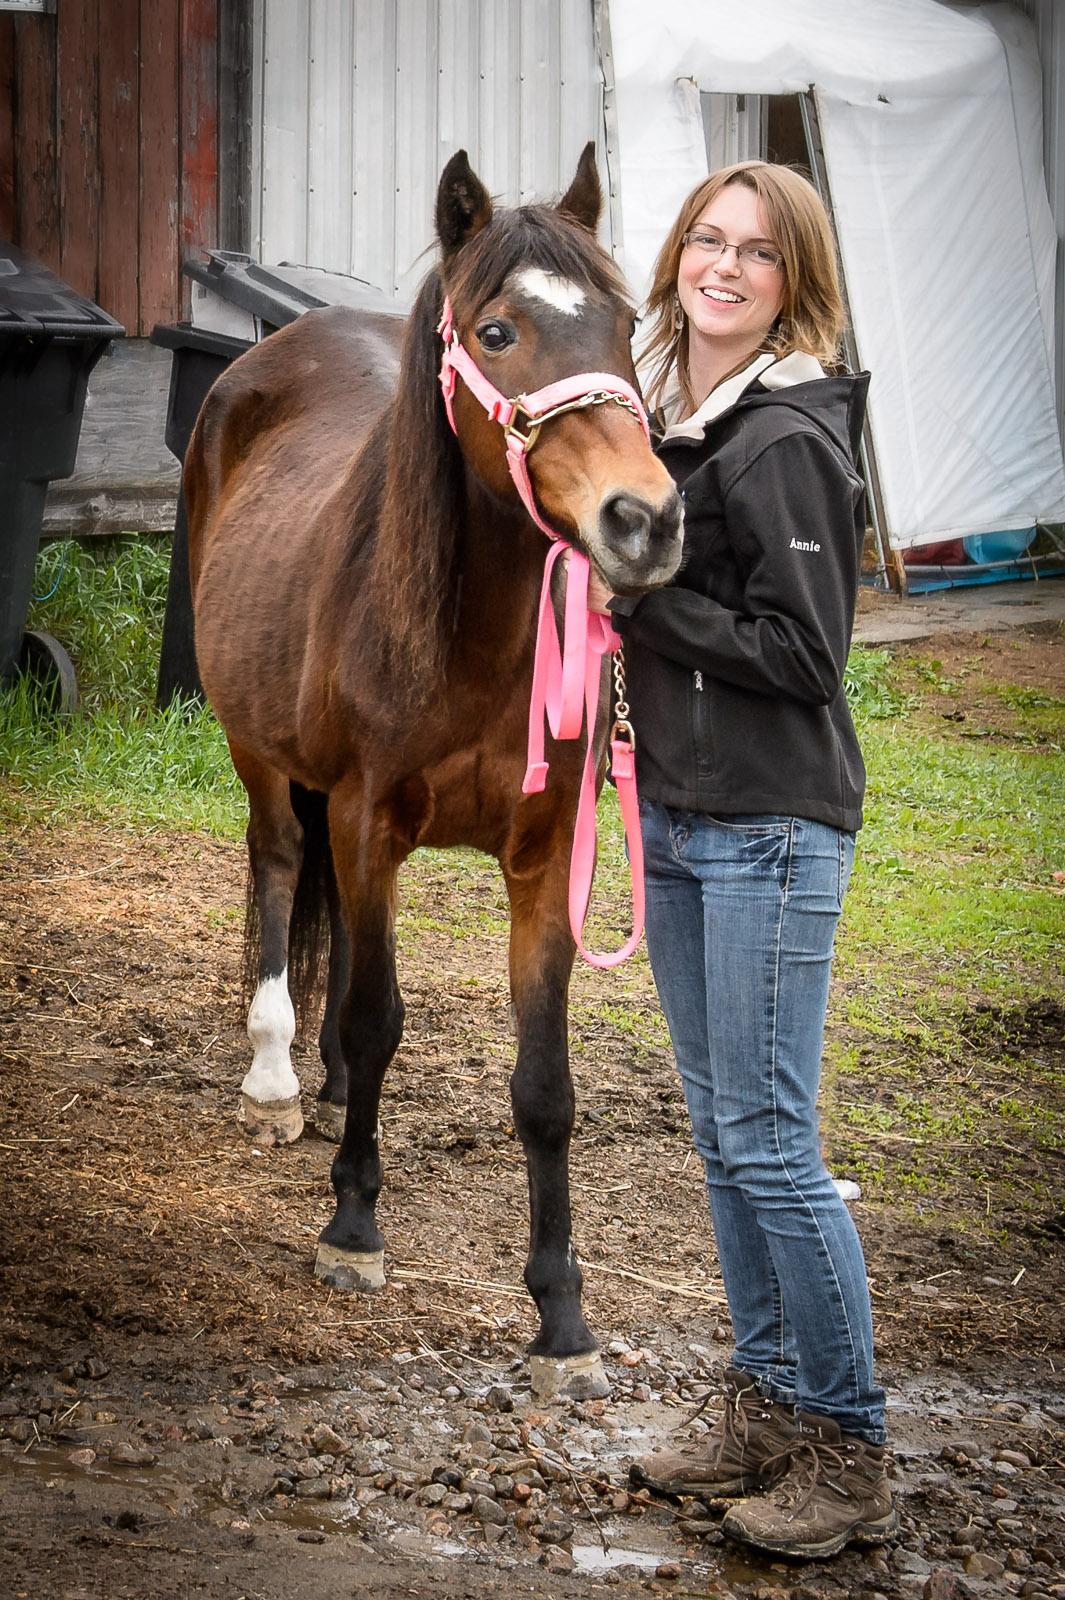 Élyse telle que je l'ai vue pour la première fois le 25 mars 2013. Ici en compagnie d'Annie Girard une adepte d'équitation et une bénévole de l'équipe de Julie.